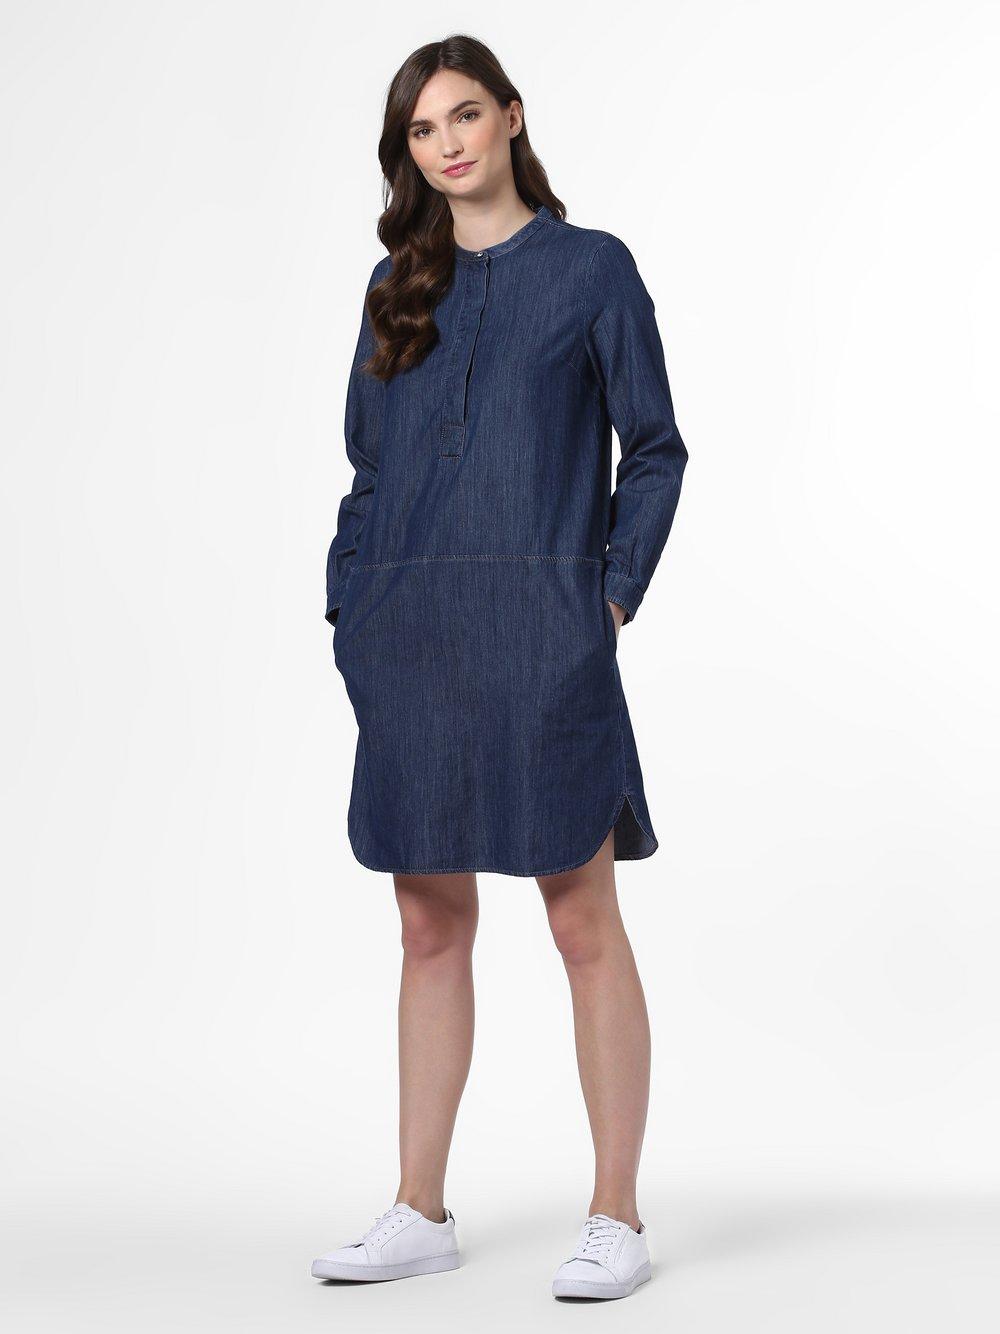 Cartoon Daydream – Damska sukienka jeansowa, niebieski Van Graaf 479721-0001-00360